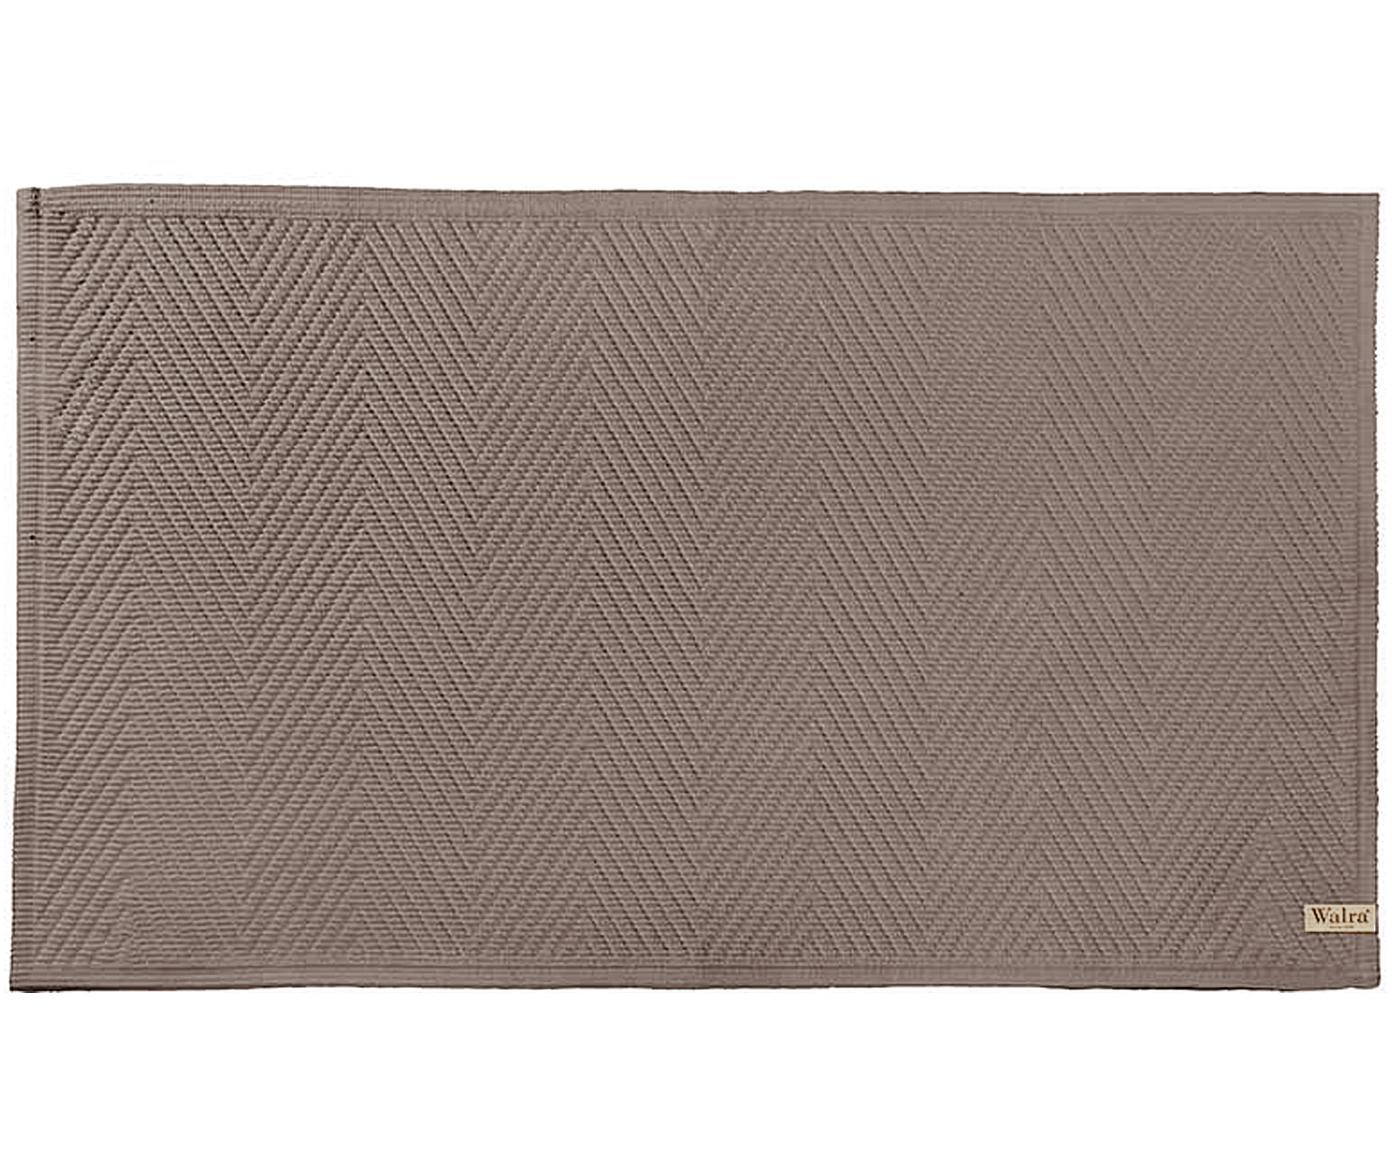 Tappeto bagno con motivo spina di pesce Soft Cotton, 100% cotone, Taupe, Larg. 60 x Lung. 100 cm